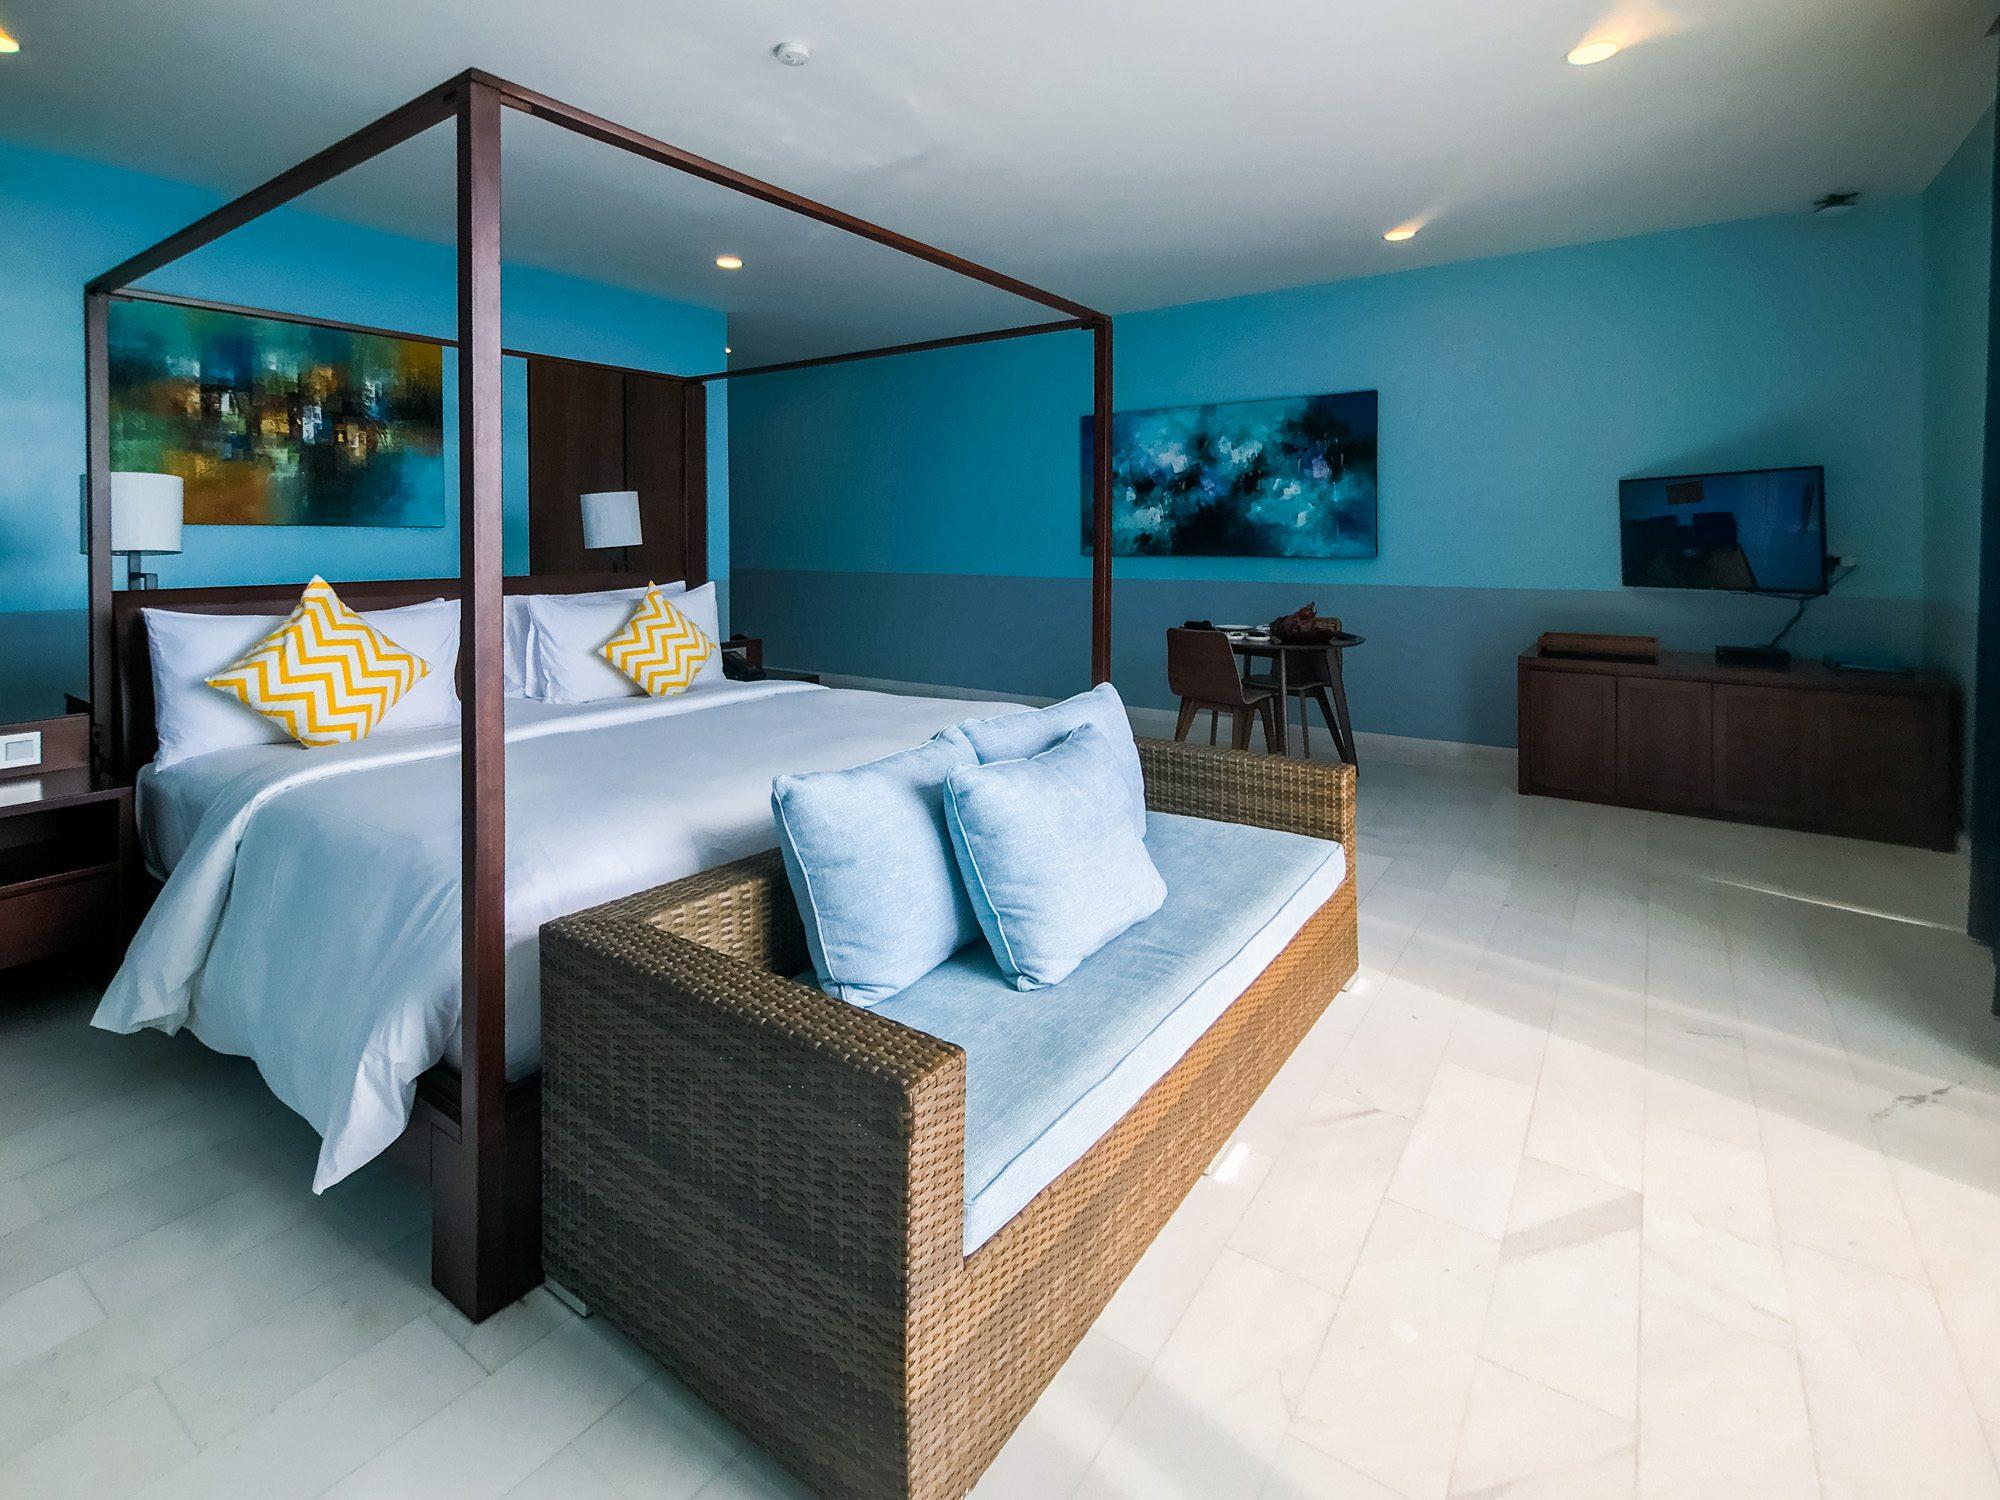 Montigo One Bedroom Villa Review